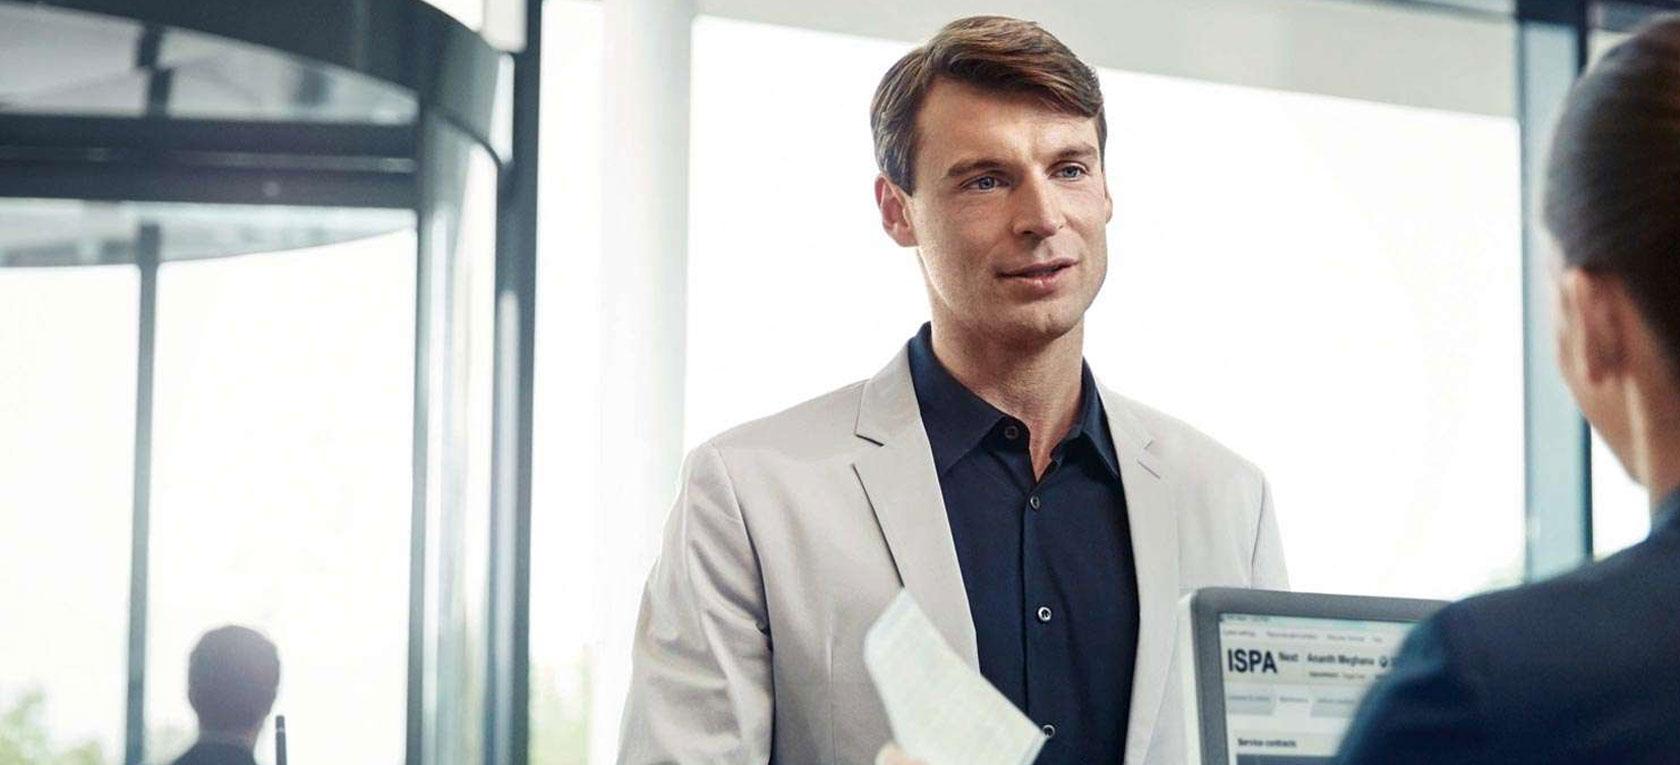 Oferty i usługi Dealera BMW przedstawiają ludzie dostosowując do potrzeby Klienta. Rozmowa w salonie BMW jest bardzo ważna.